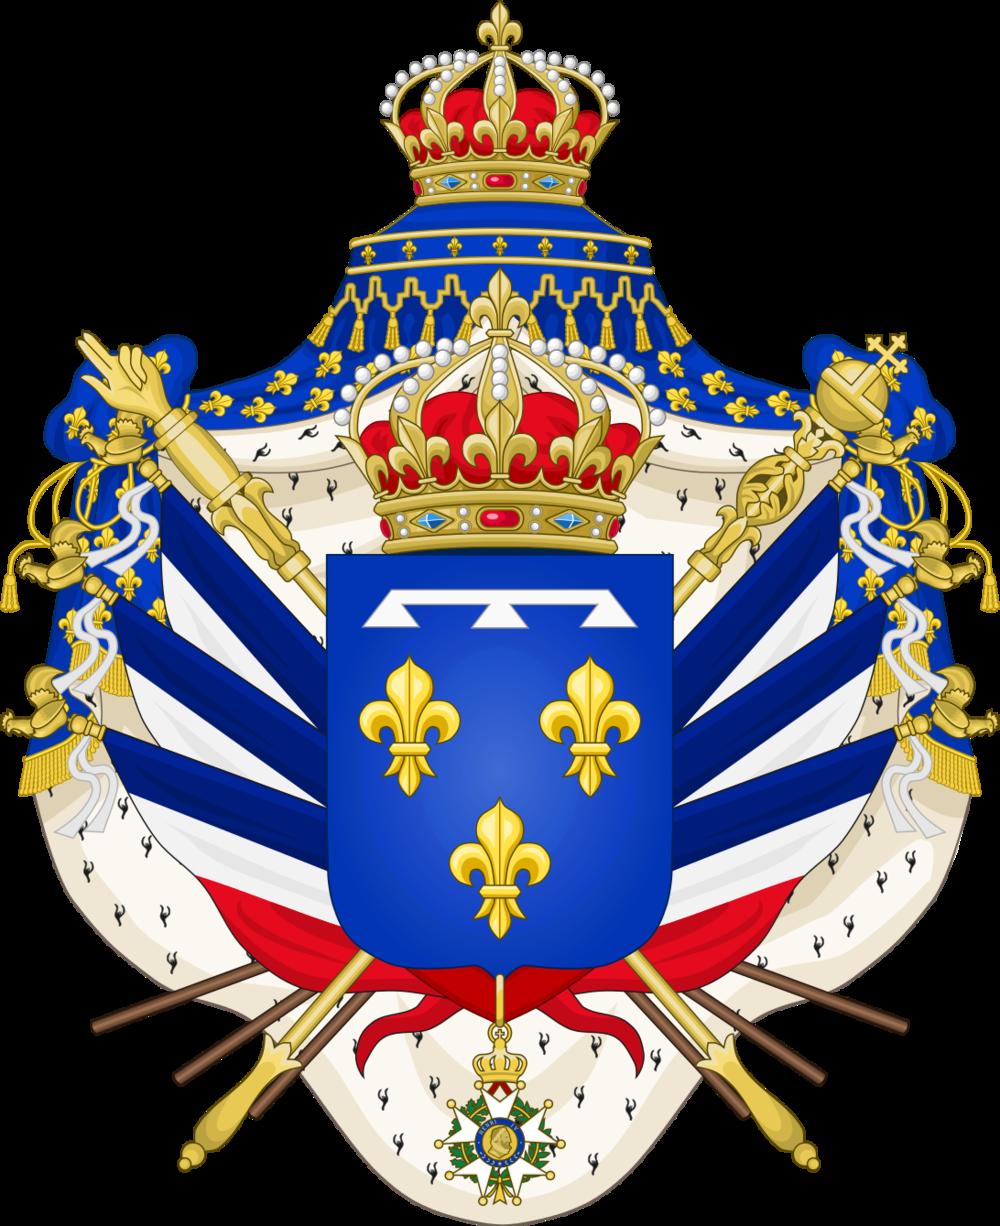 """Haus Bourbon Orléans - """"Nous sommes les bons""""Das Haus Bourbon-Orléans ist eine Nebenlinie des Hauses Bourbon, welches nicht weniger als sieben Könige von Frankreich hervorbrachte und heute noch die Staatsoberhäupter von Luxemburg und Spanien stellt.Louis-Philippe III. de Bourbon, duc d'Orléans war von 1830–1848 König der Franzosen. Das Proletariat nannte ihn aber liebevoll Roi Citoyen (Bürgerkönig), weil er so ein toller Typ war. Schon als junger Bursche hat er Sport geliebt. Als König war er ein grosser Förderer des Sportwesens. Unter seiner Führung gewannen die Franzosen die olympischen Spiele und die Weltmeisterschaft im selben Jahr. Eine Sensation, die sich bis heute nicht wiederholt hat.Das maison royale de France lädt dich ein, für einen Tag zur Bourgeoisie zu gehören und diesen Wilden zu zeigen, wer der Meister ist. Oder wie es in der Nationalhymne so schön heisst: Le jour de gloire est arrivé!"""